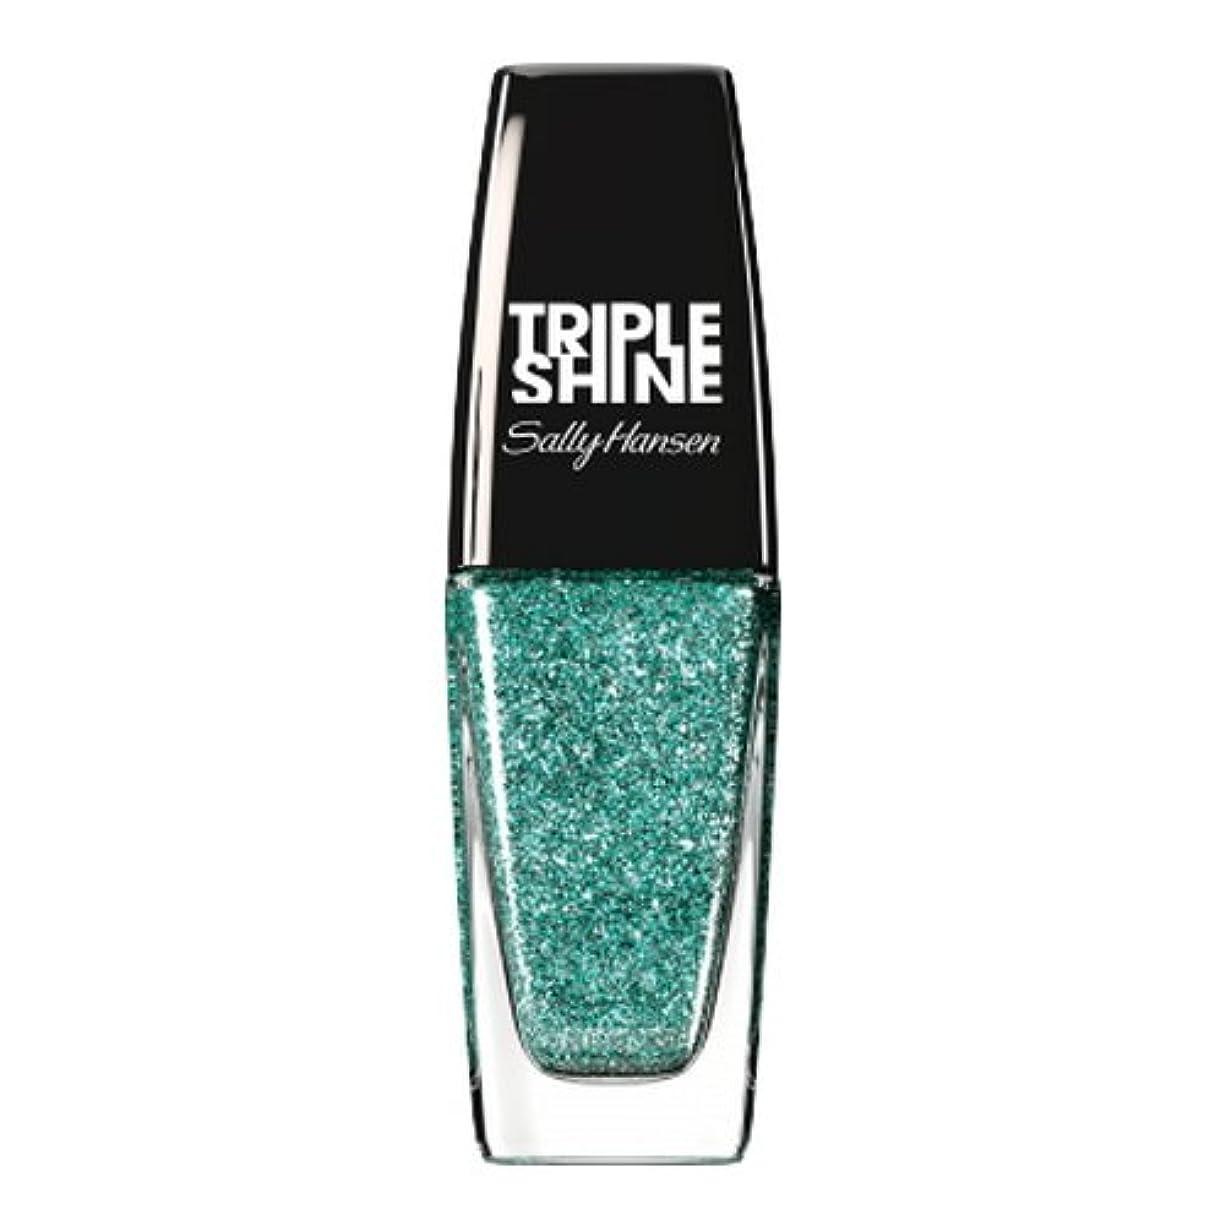 恩赦ルネッサンス偽装するSALLY HANSEN Triple Shine Nail Polish - Fanta-Sea (並行輸入品)